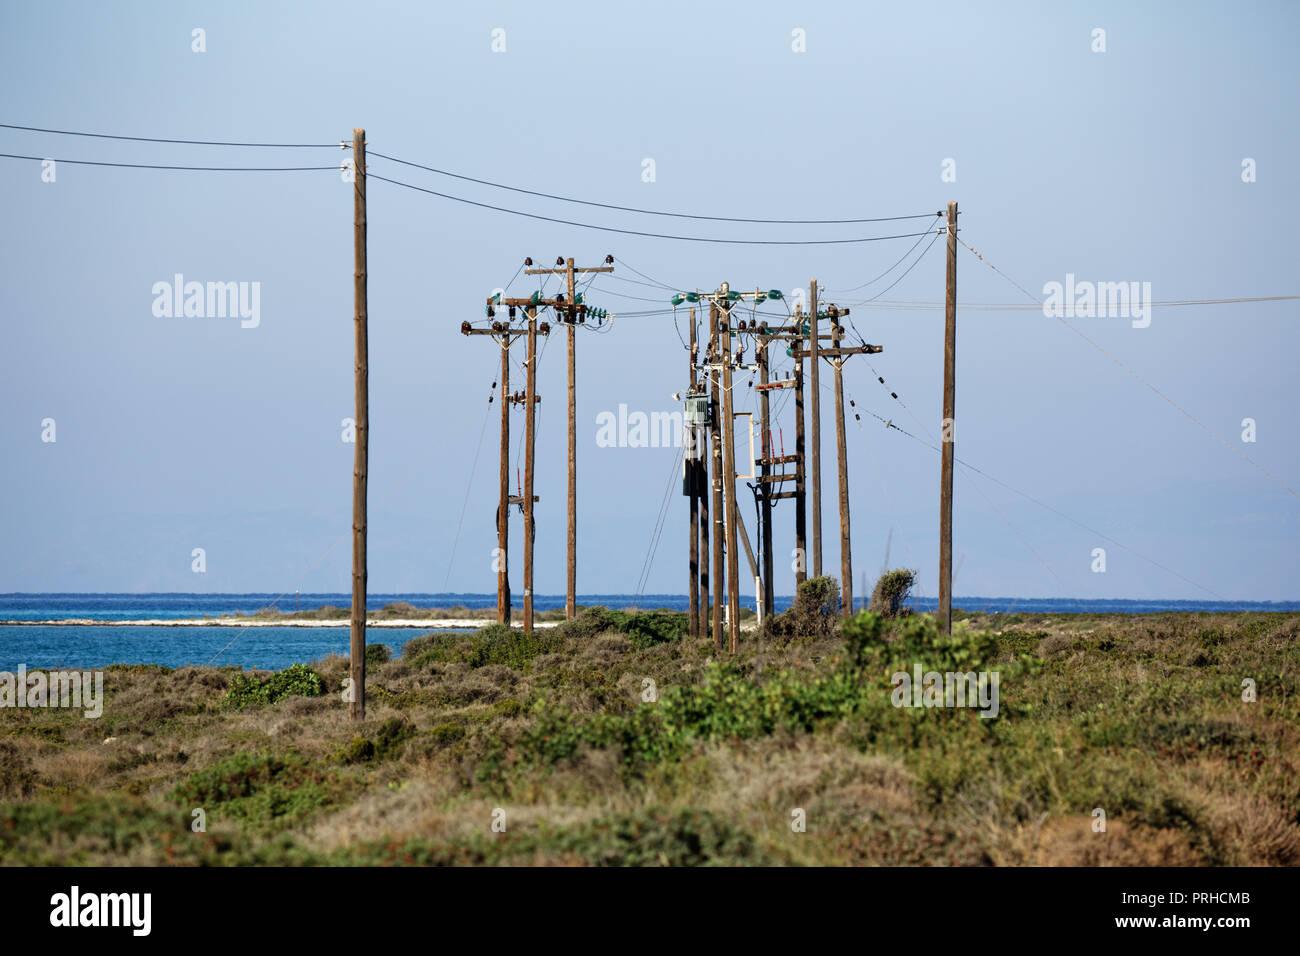 Medium Hochspannungsleitungen in einer ländlichen Gegend in der Nähe von Meer. Stockbild